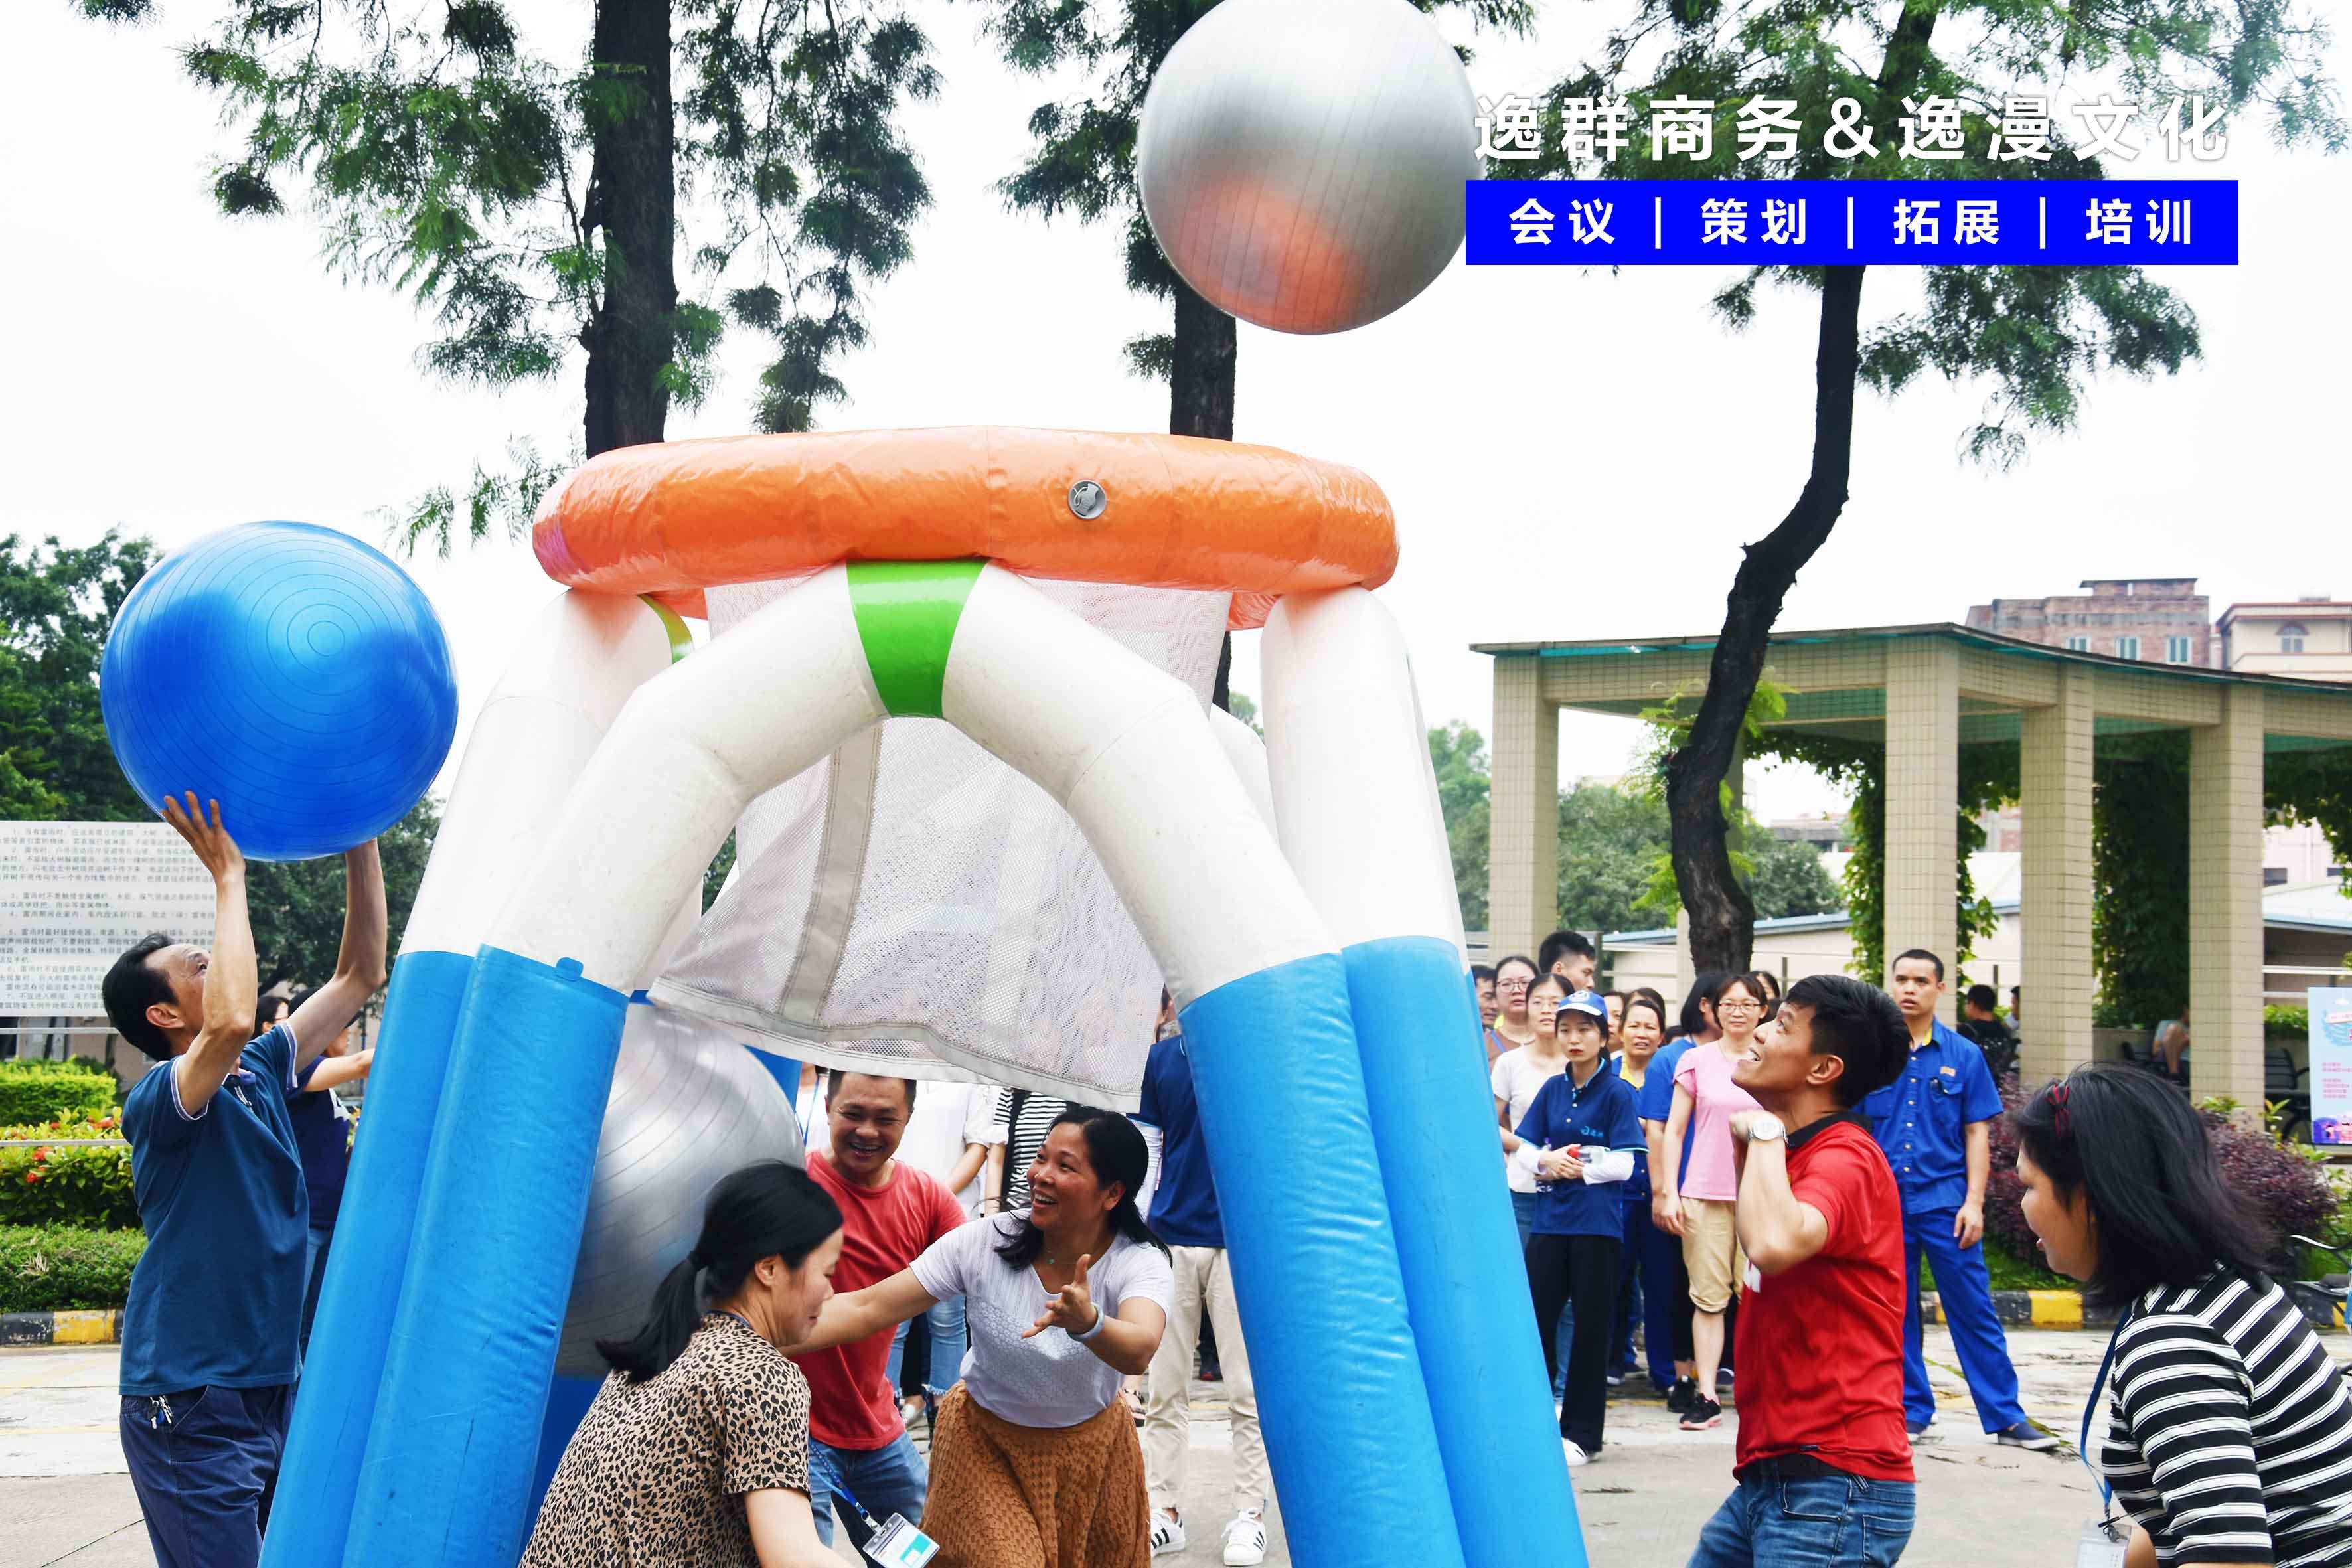 20190428-29王老吉慶五一職工游園活動